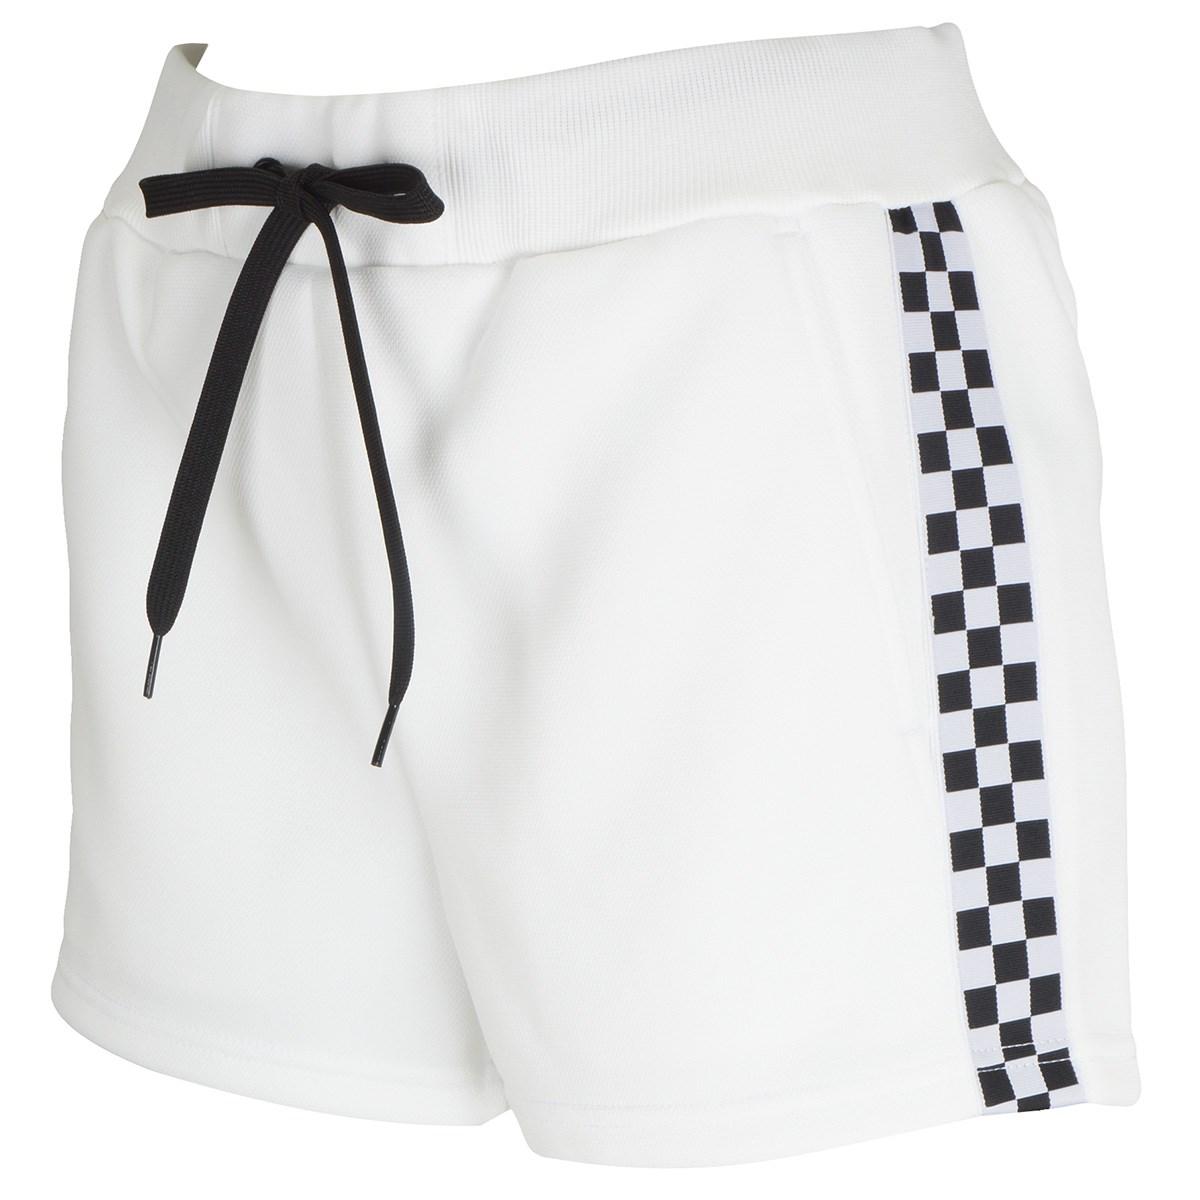 [アウトレット] [在庫限りのお買い得商品] ジャックバニー FDエステル 鹿の子段ボールショートパンツ ホワイト 030 レディース ゴルフウェア